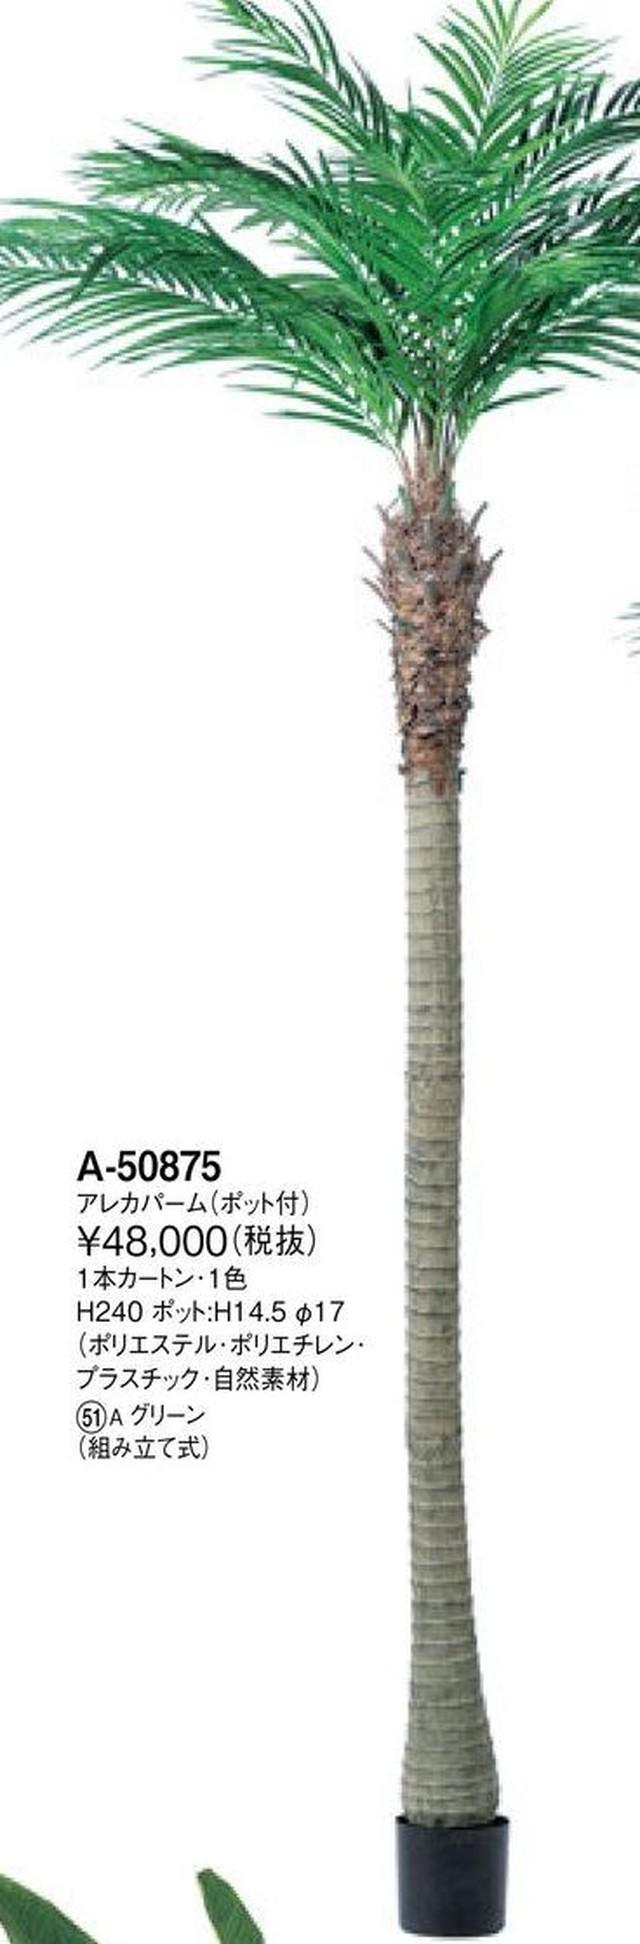 アレカパーム    花言葉「君を見守る」 高さ:240cm